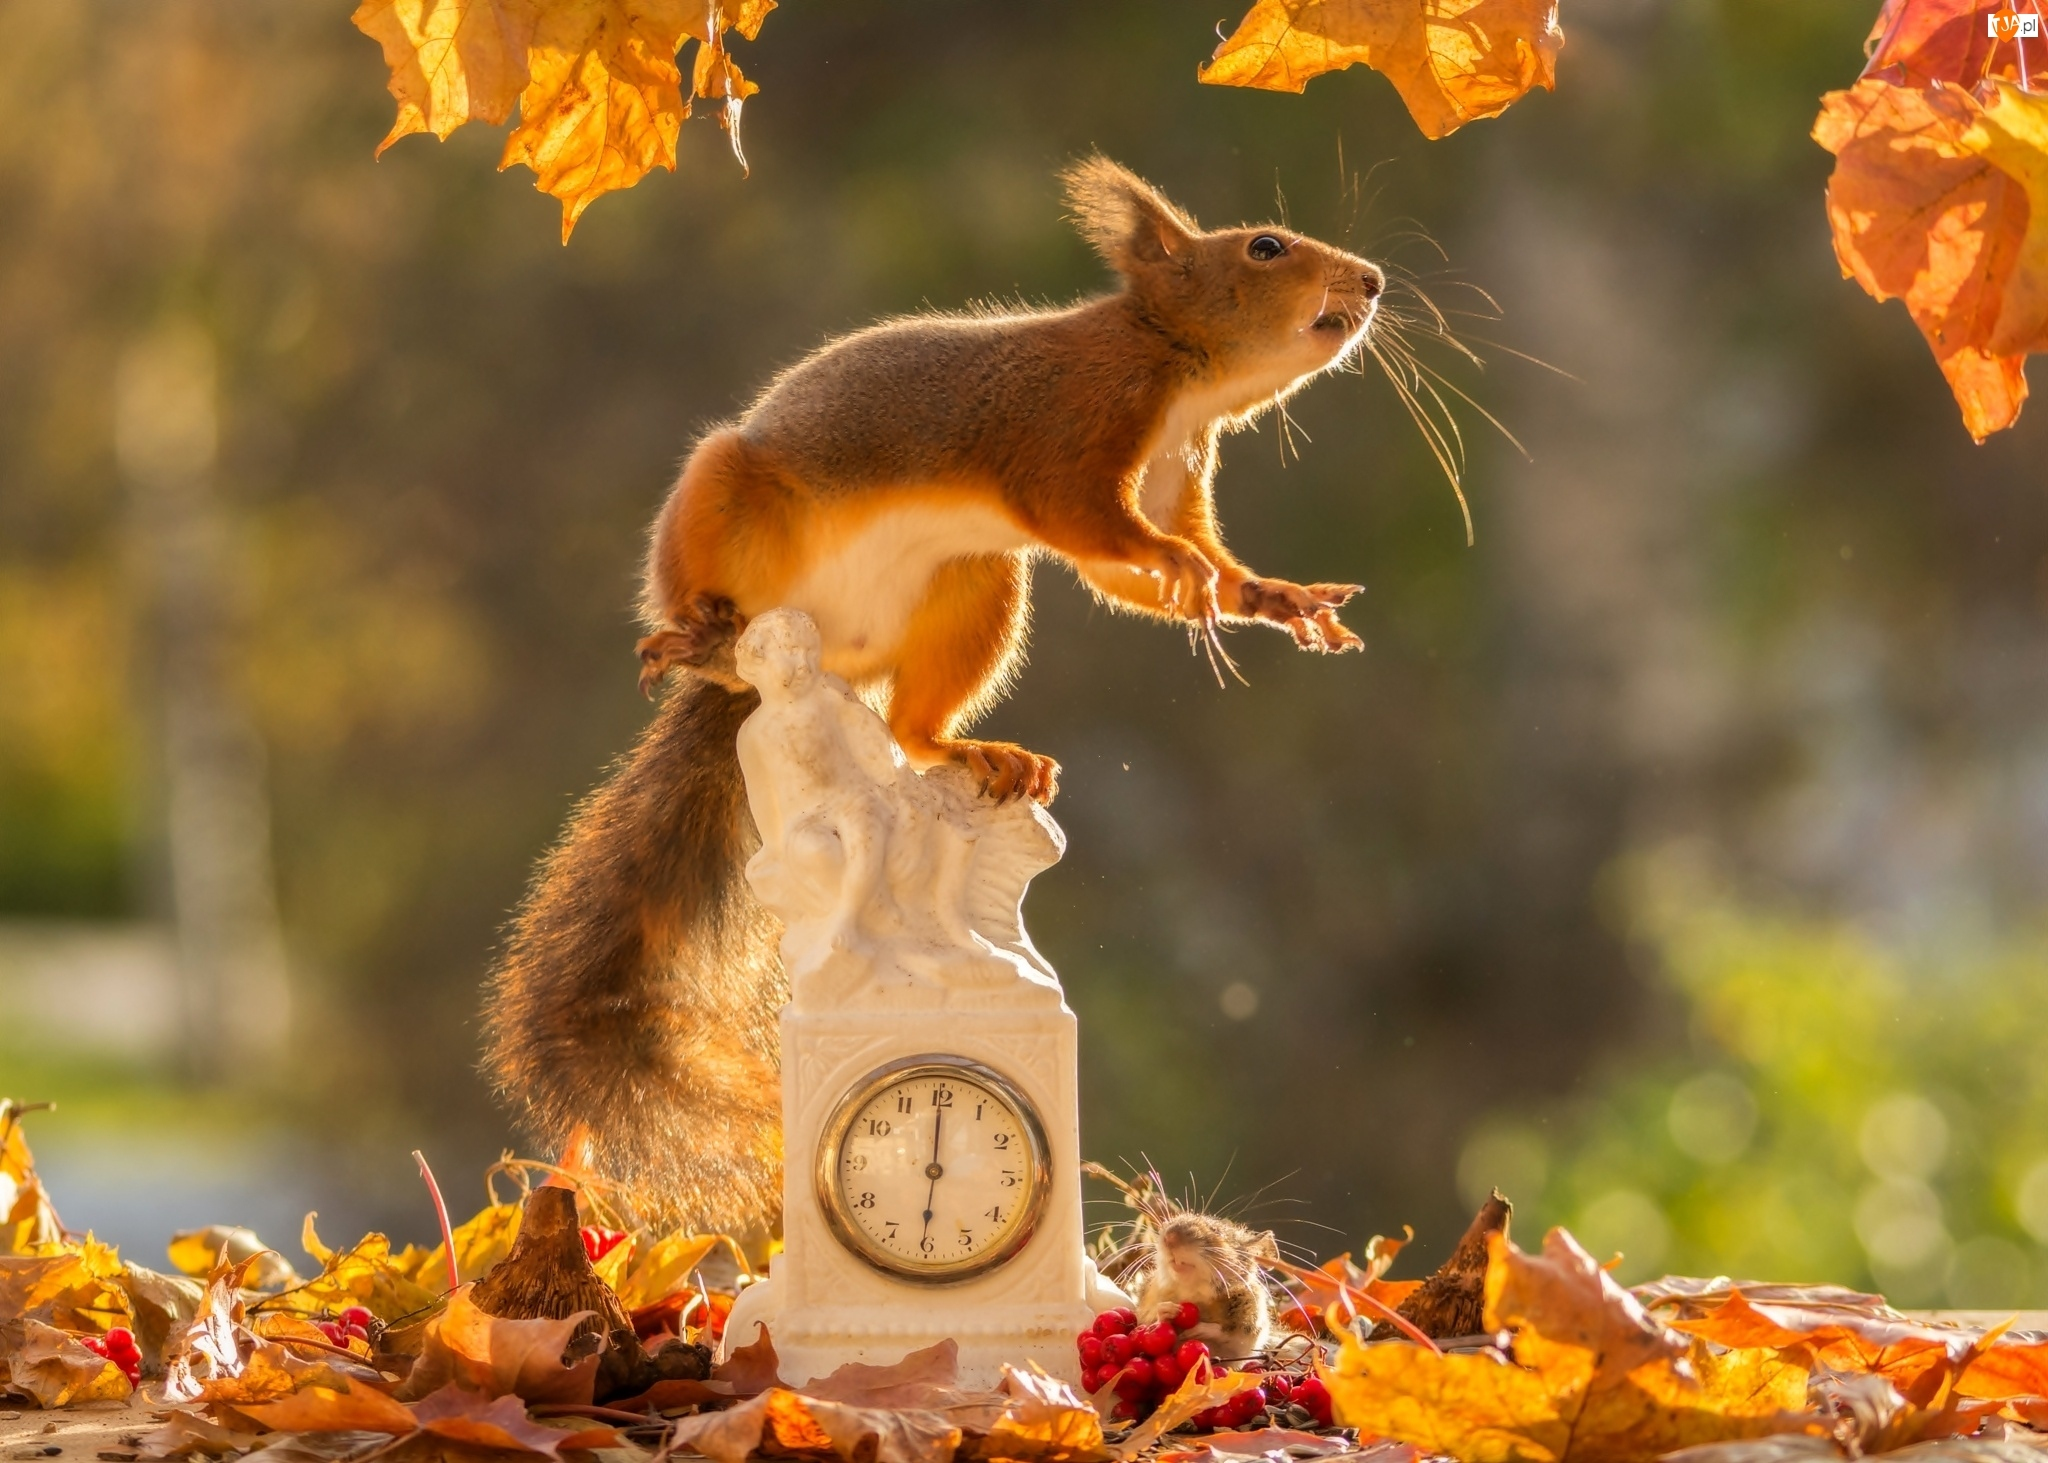 Zegar, Jarzebina, Jesień, Myszka, Wiewiórka, Liście